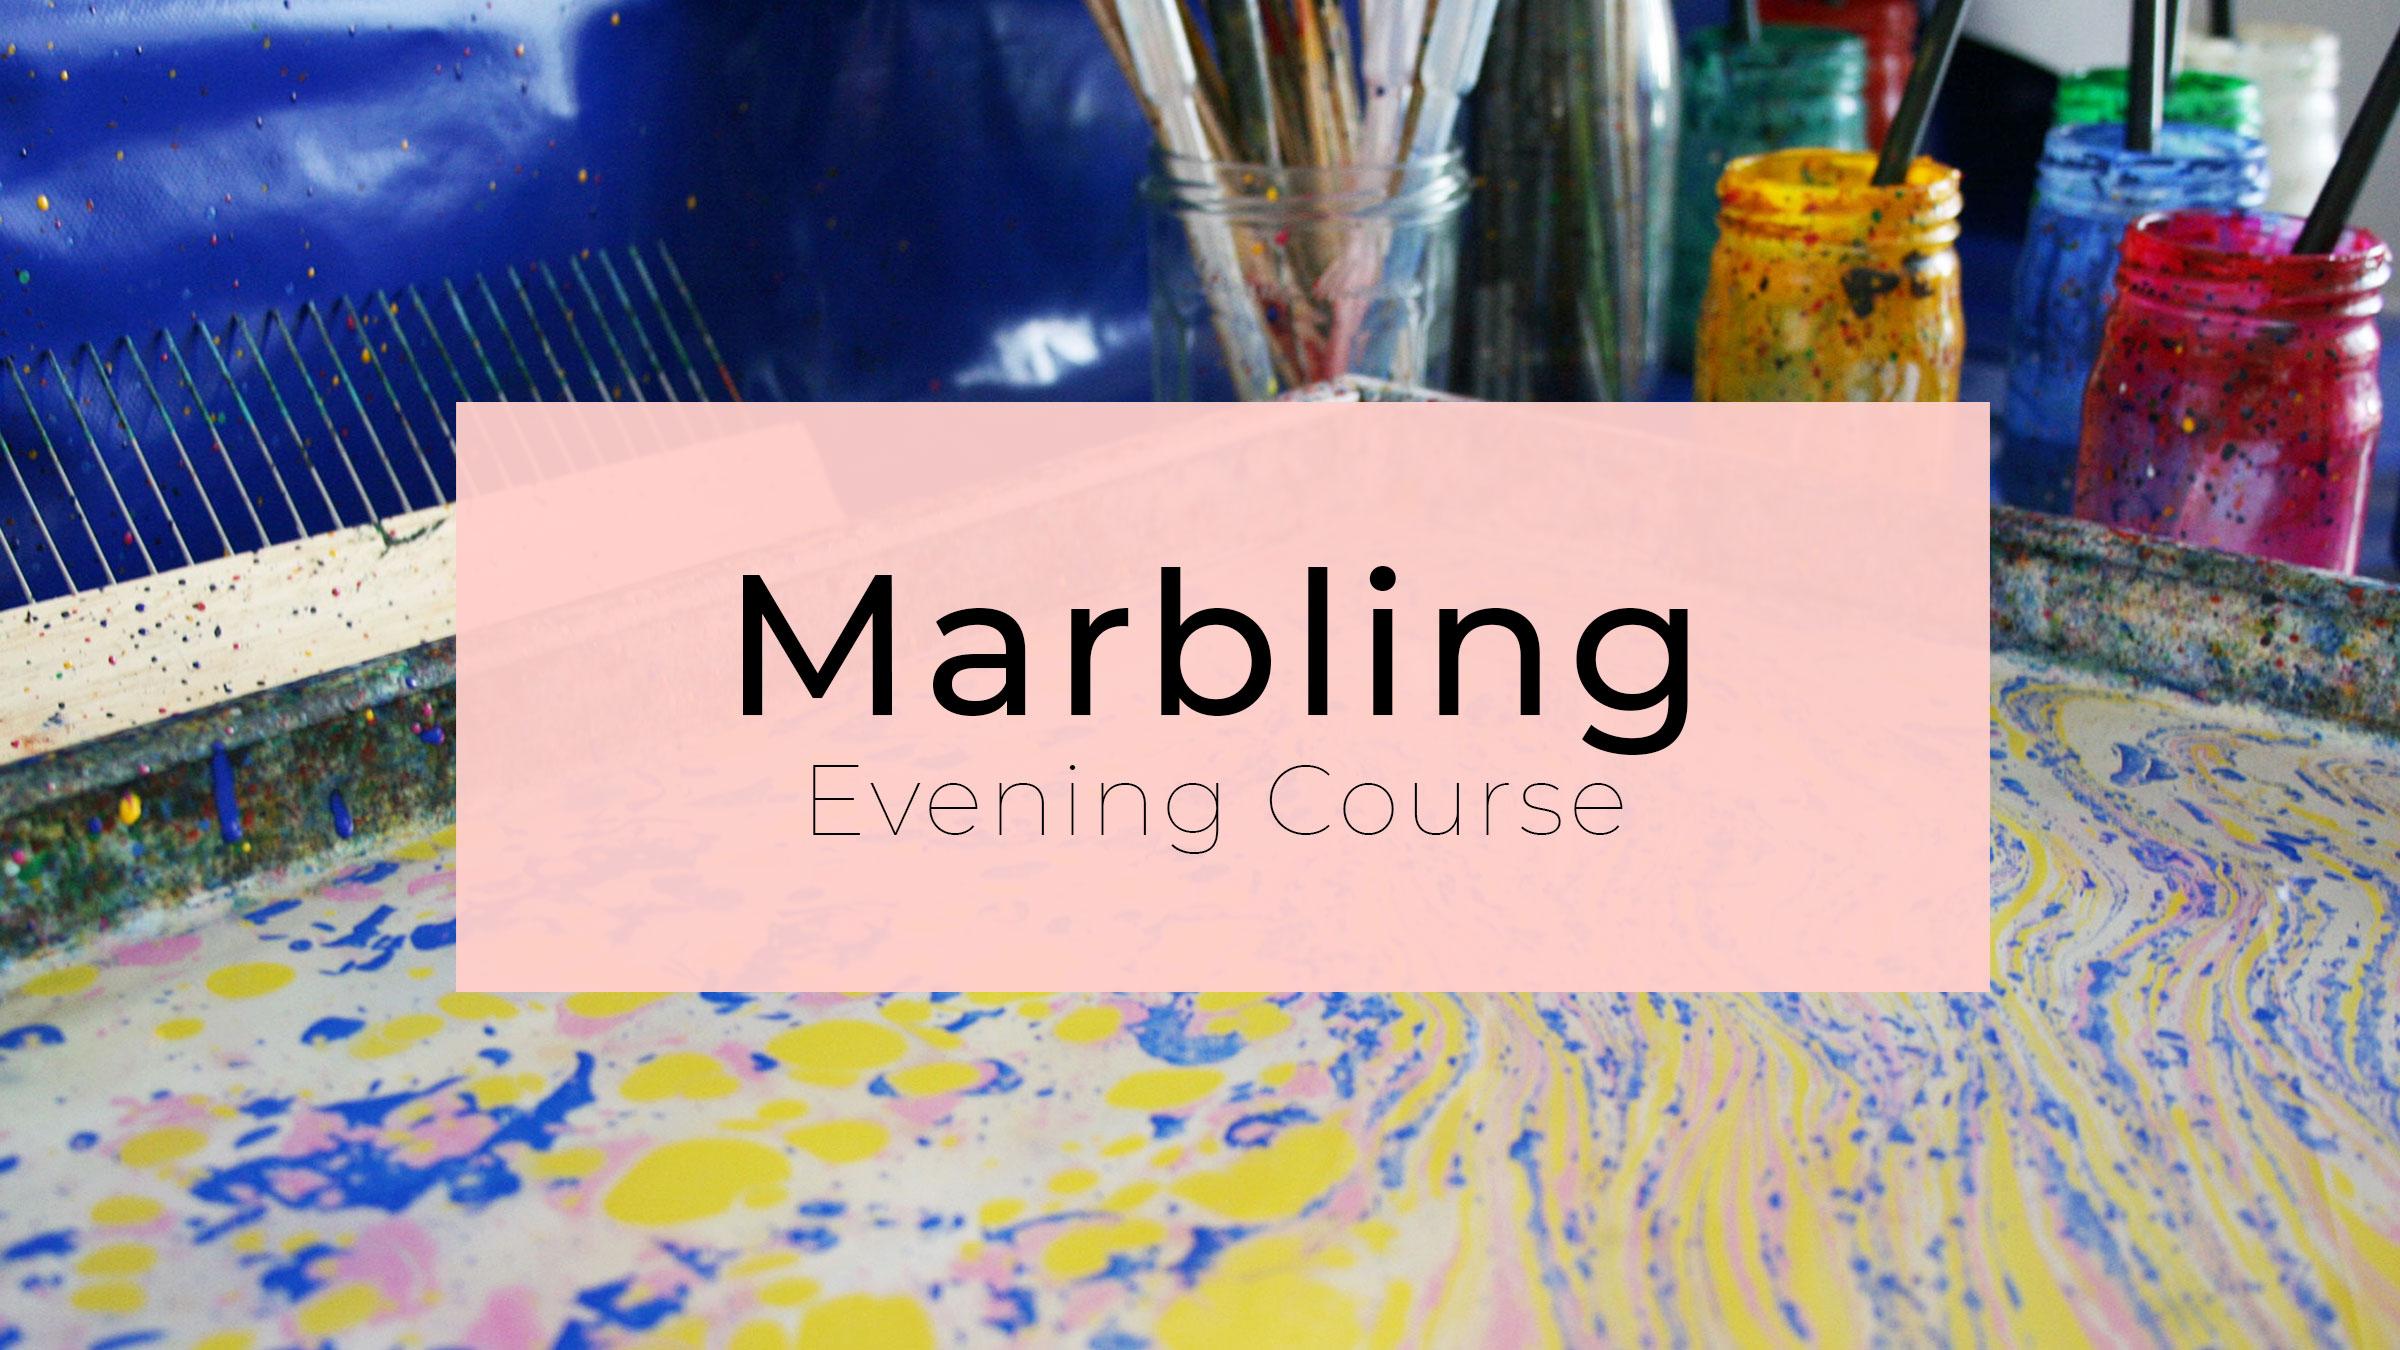 marbling-course-munich-indigocraftroom-0